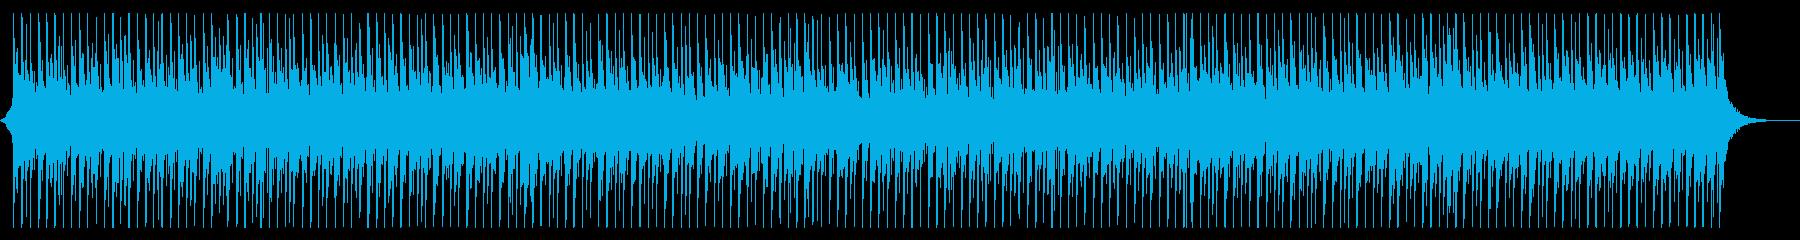 さわやかで軽快なBGMの再生済みの波形